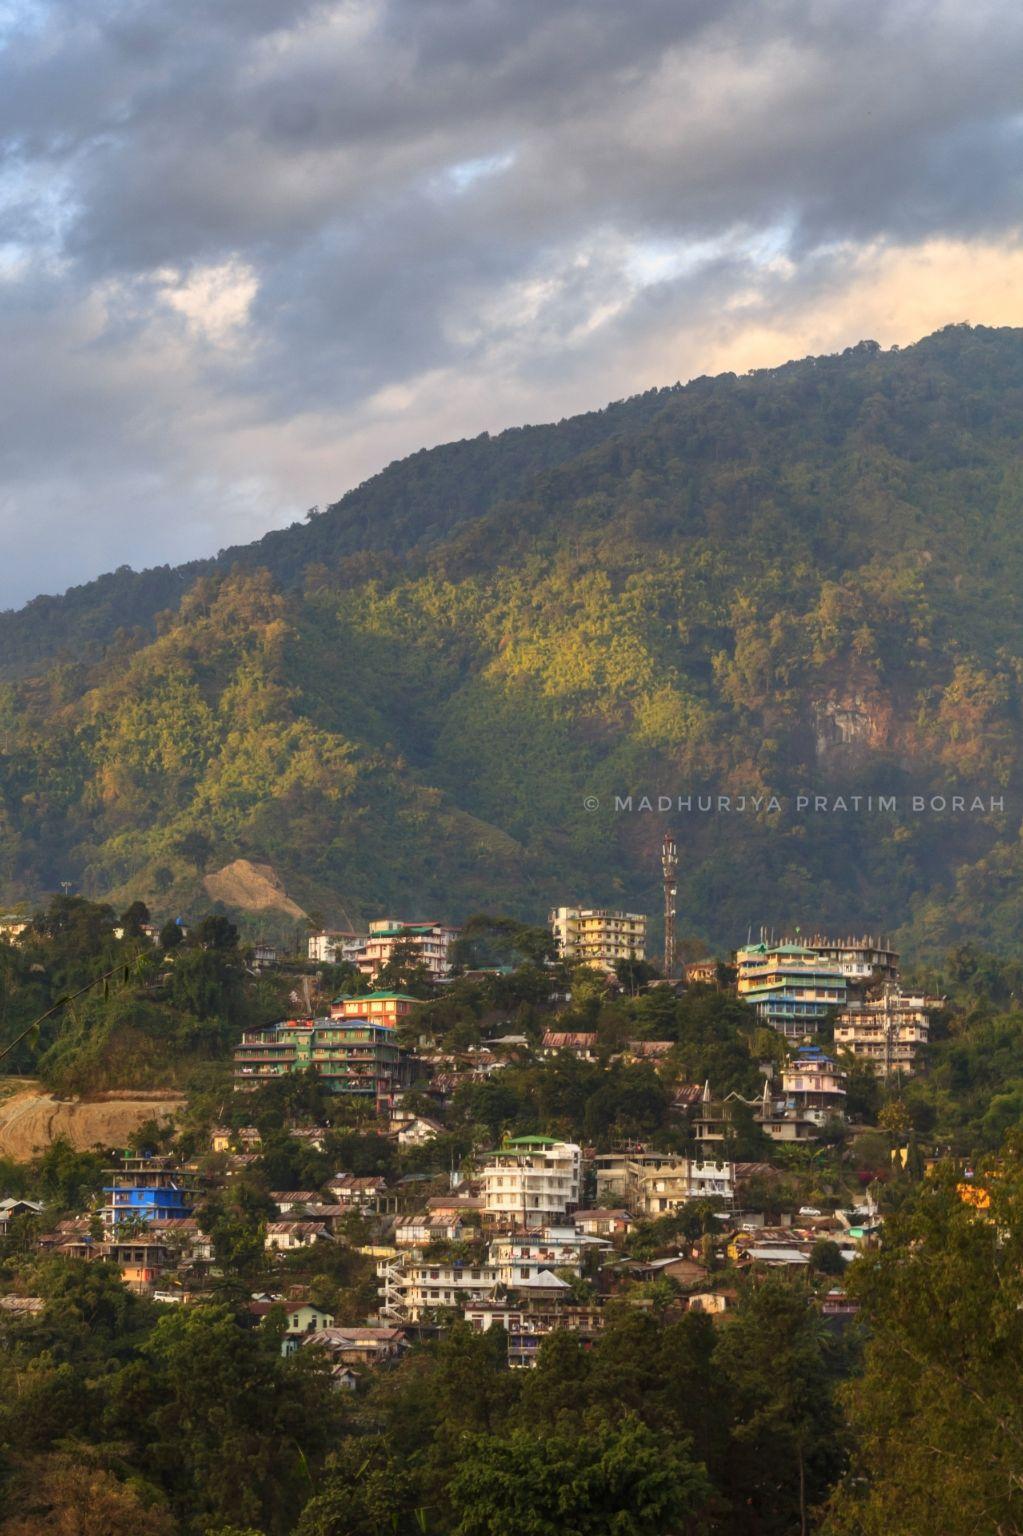 Photo of Arunachal Pradesh By Madhurjya Pratim Borah